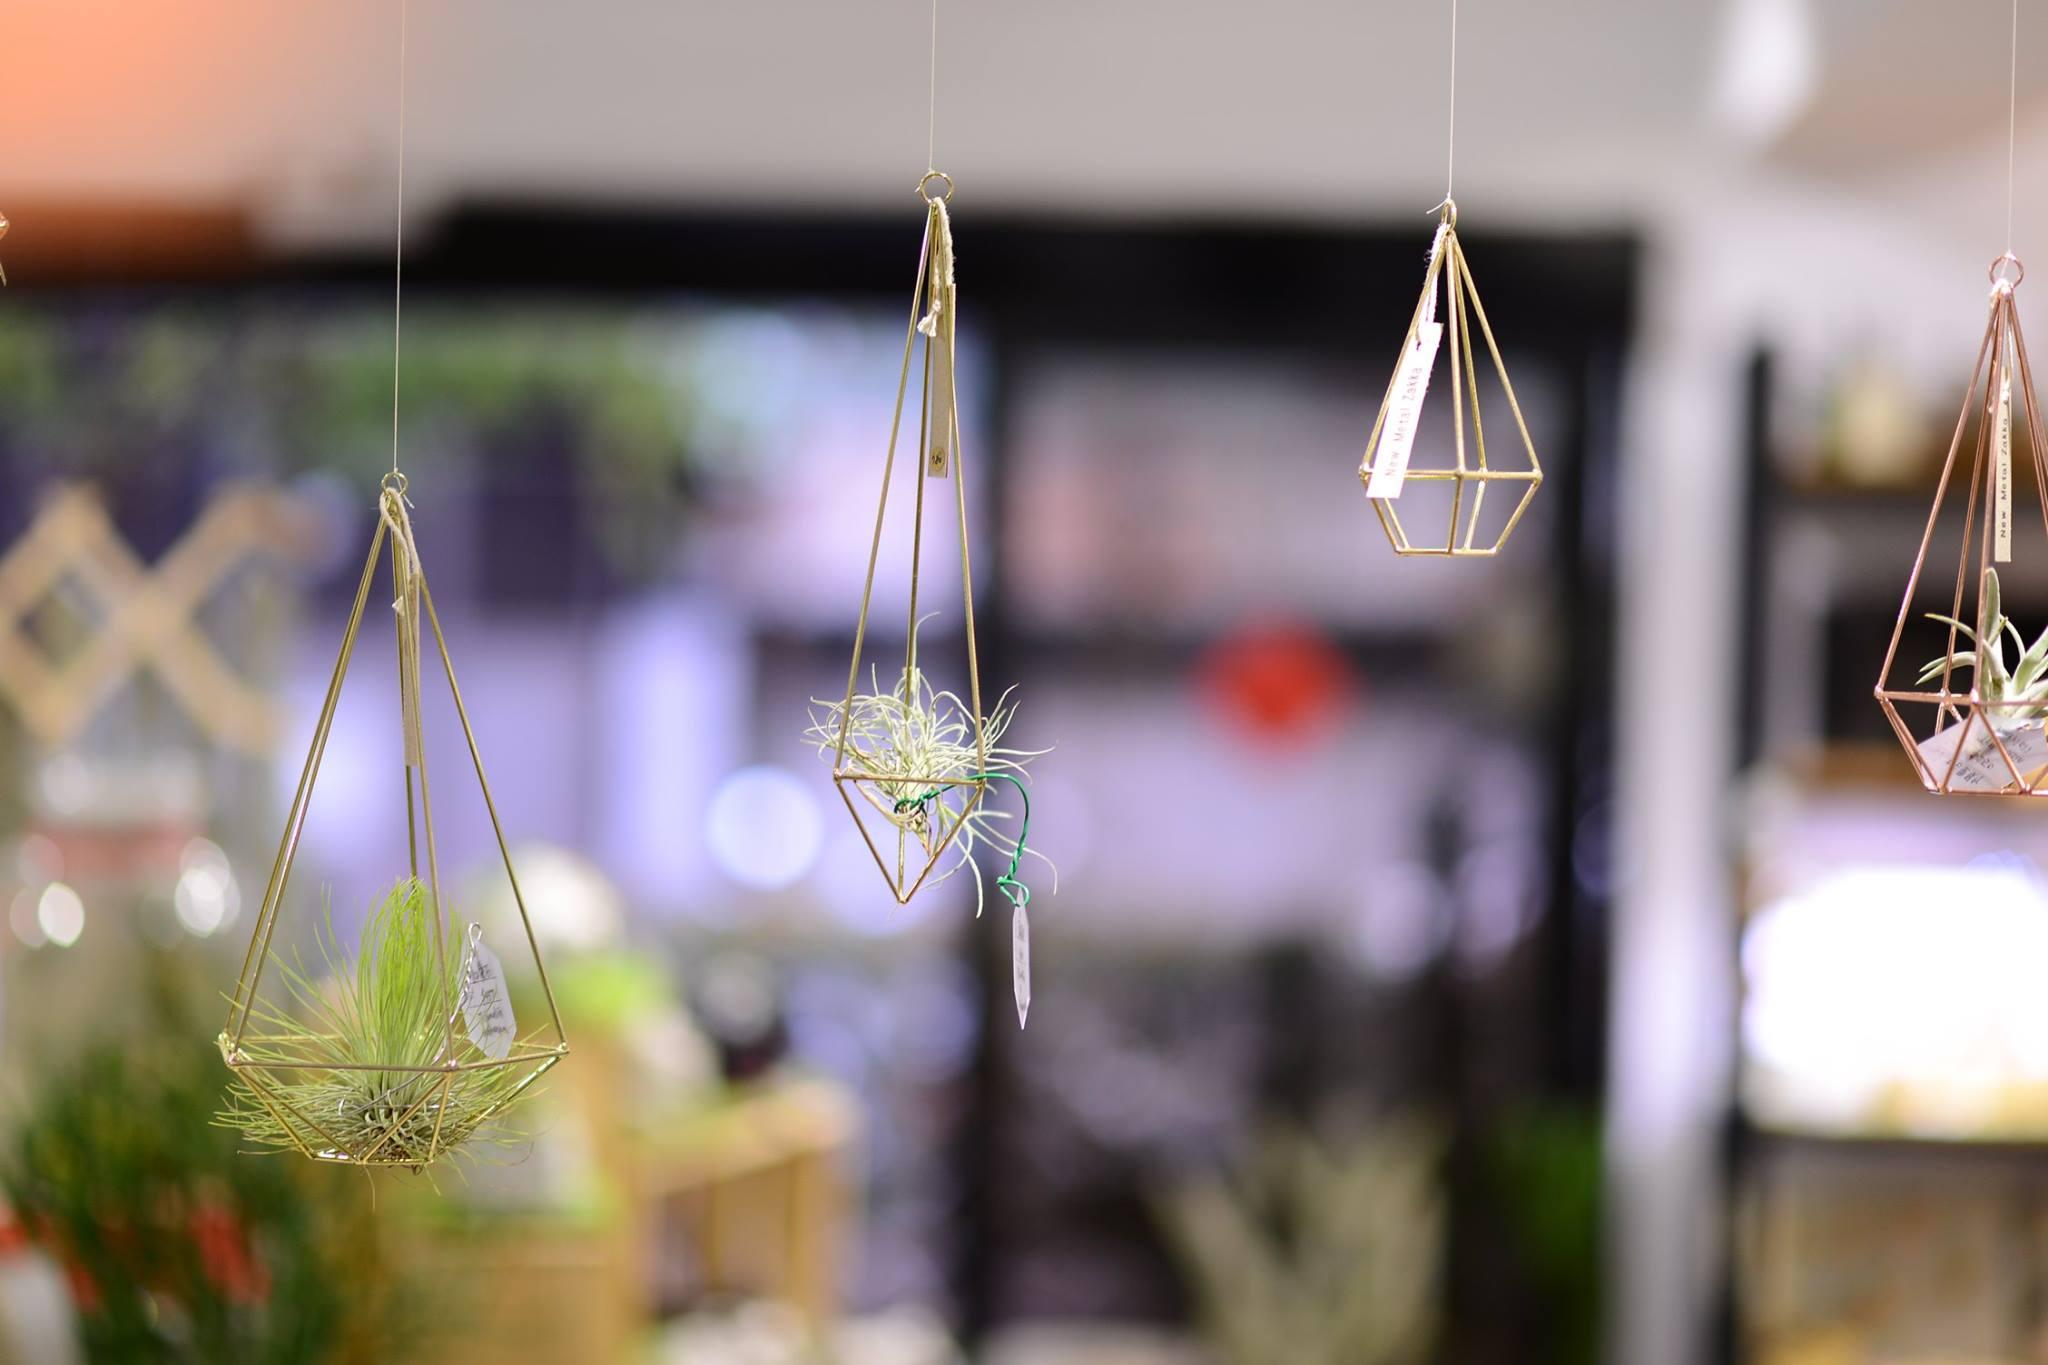 空氣鳳梨掛飾-香檳金/三角形 (三種尺寸) 10